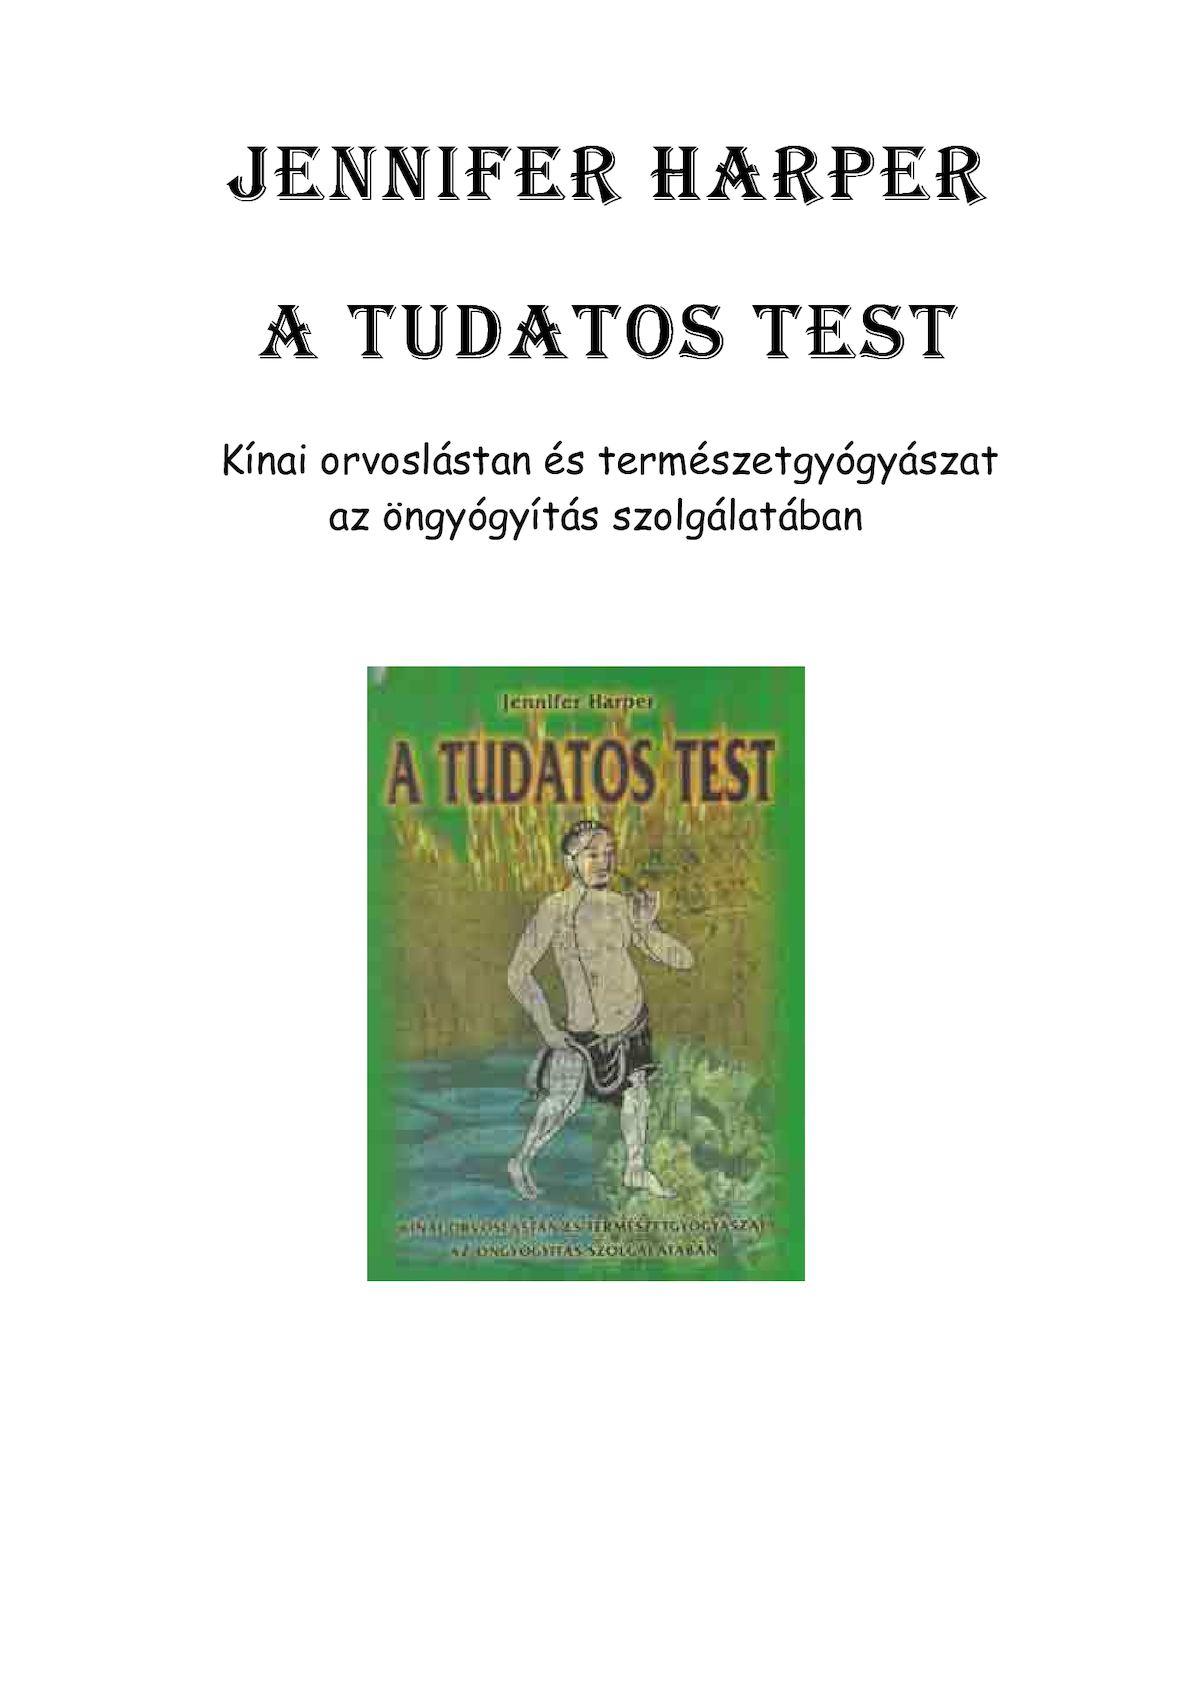 A Test, 6. rész